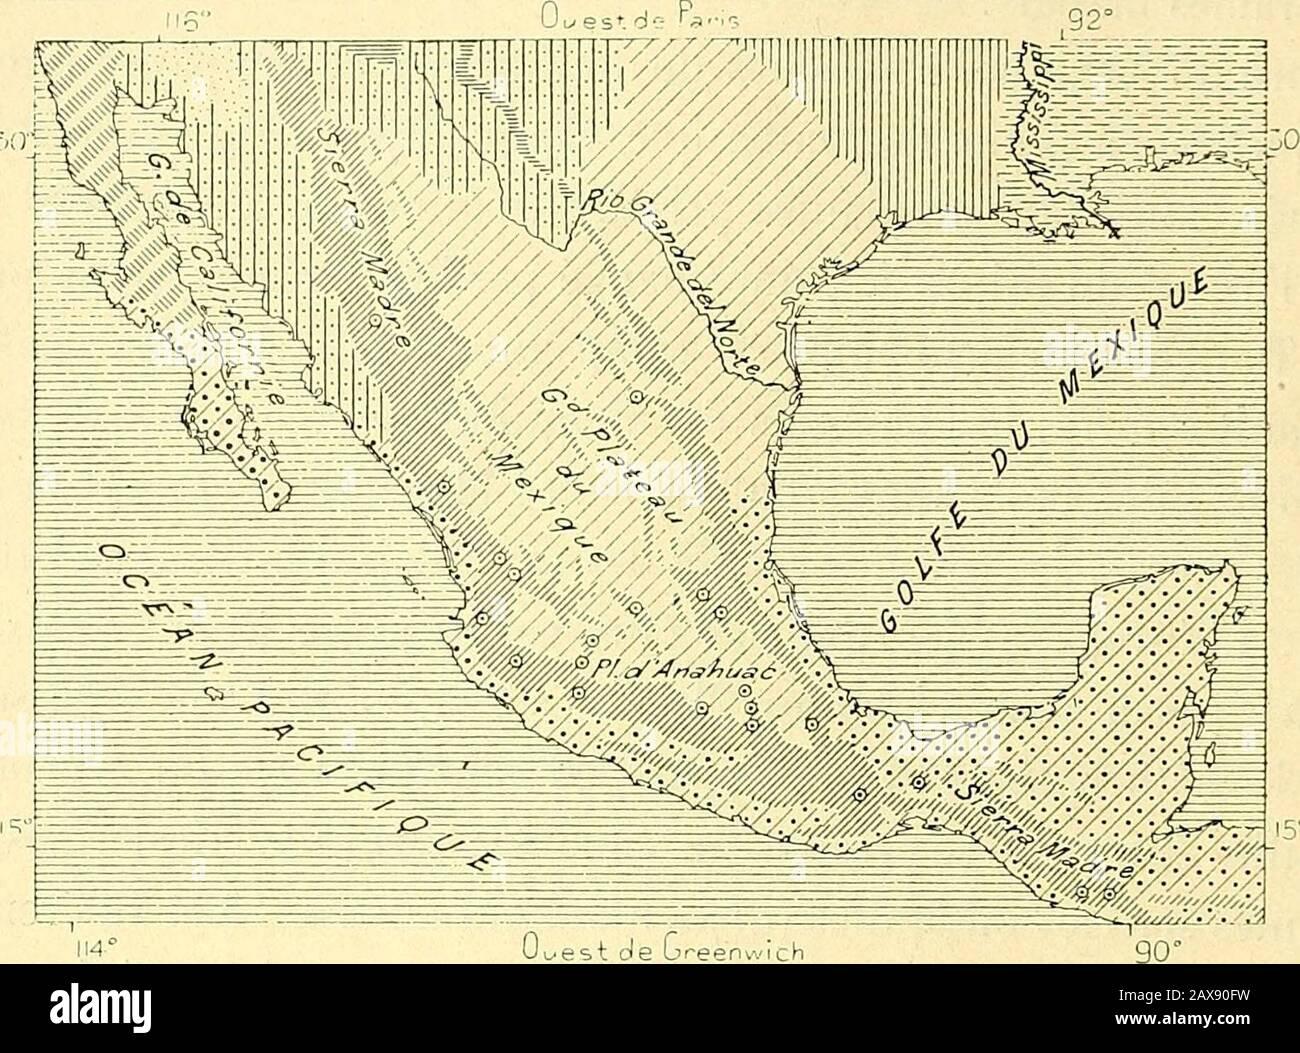 Nouvelle géographie universelle : la terre et les hommes . e » donnée dansces régions à de vastes étendues boisées. Le nom de chaparral, qui enréalité ne devrait sappliquer quà des fourrés de chênes-rouvres, est égale-ment employé pour les étendues broussailleuses par les Mexicains dunord. Cest un terme analogue à celui de « garrigue » dont on se sert dansle Languedoc oriental; en langage ordinaire tout maquis est un chaparral,même là où dominent les mezquites et les grands cactus. 1 Froebel, Seven Years in Central America. 78 NOUVELLE GEOGRAPHIE UNIVERSELLE. Si ce nest au bord des ruisseaux o Stock Photo